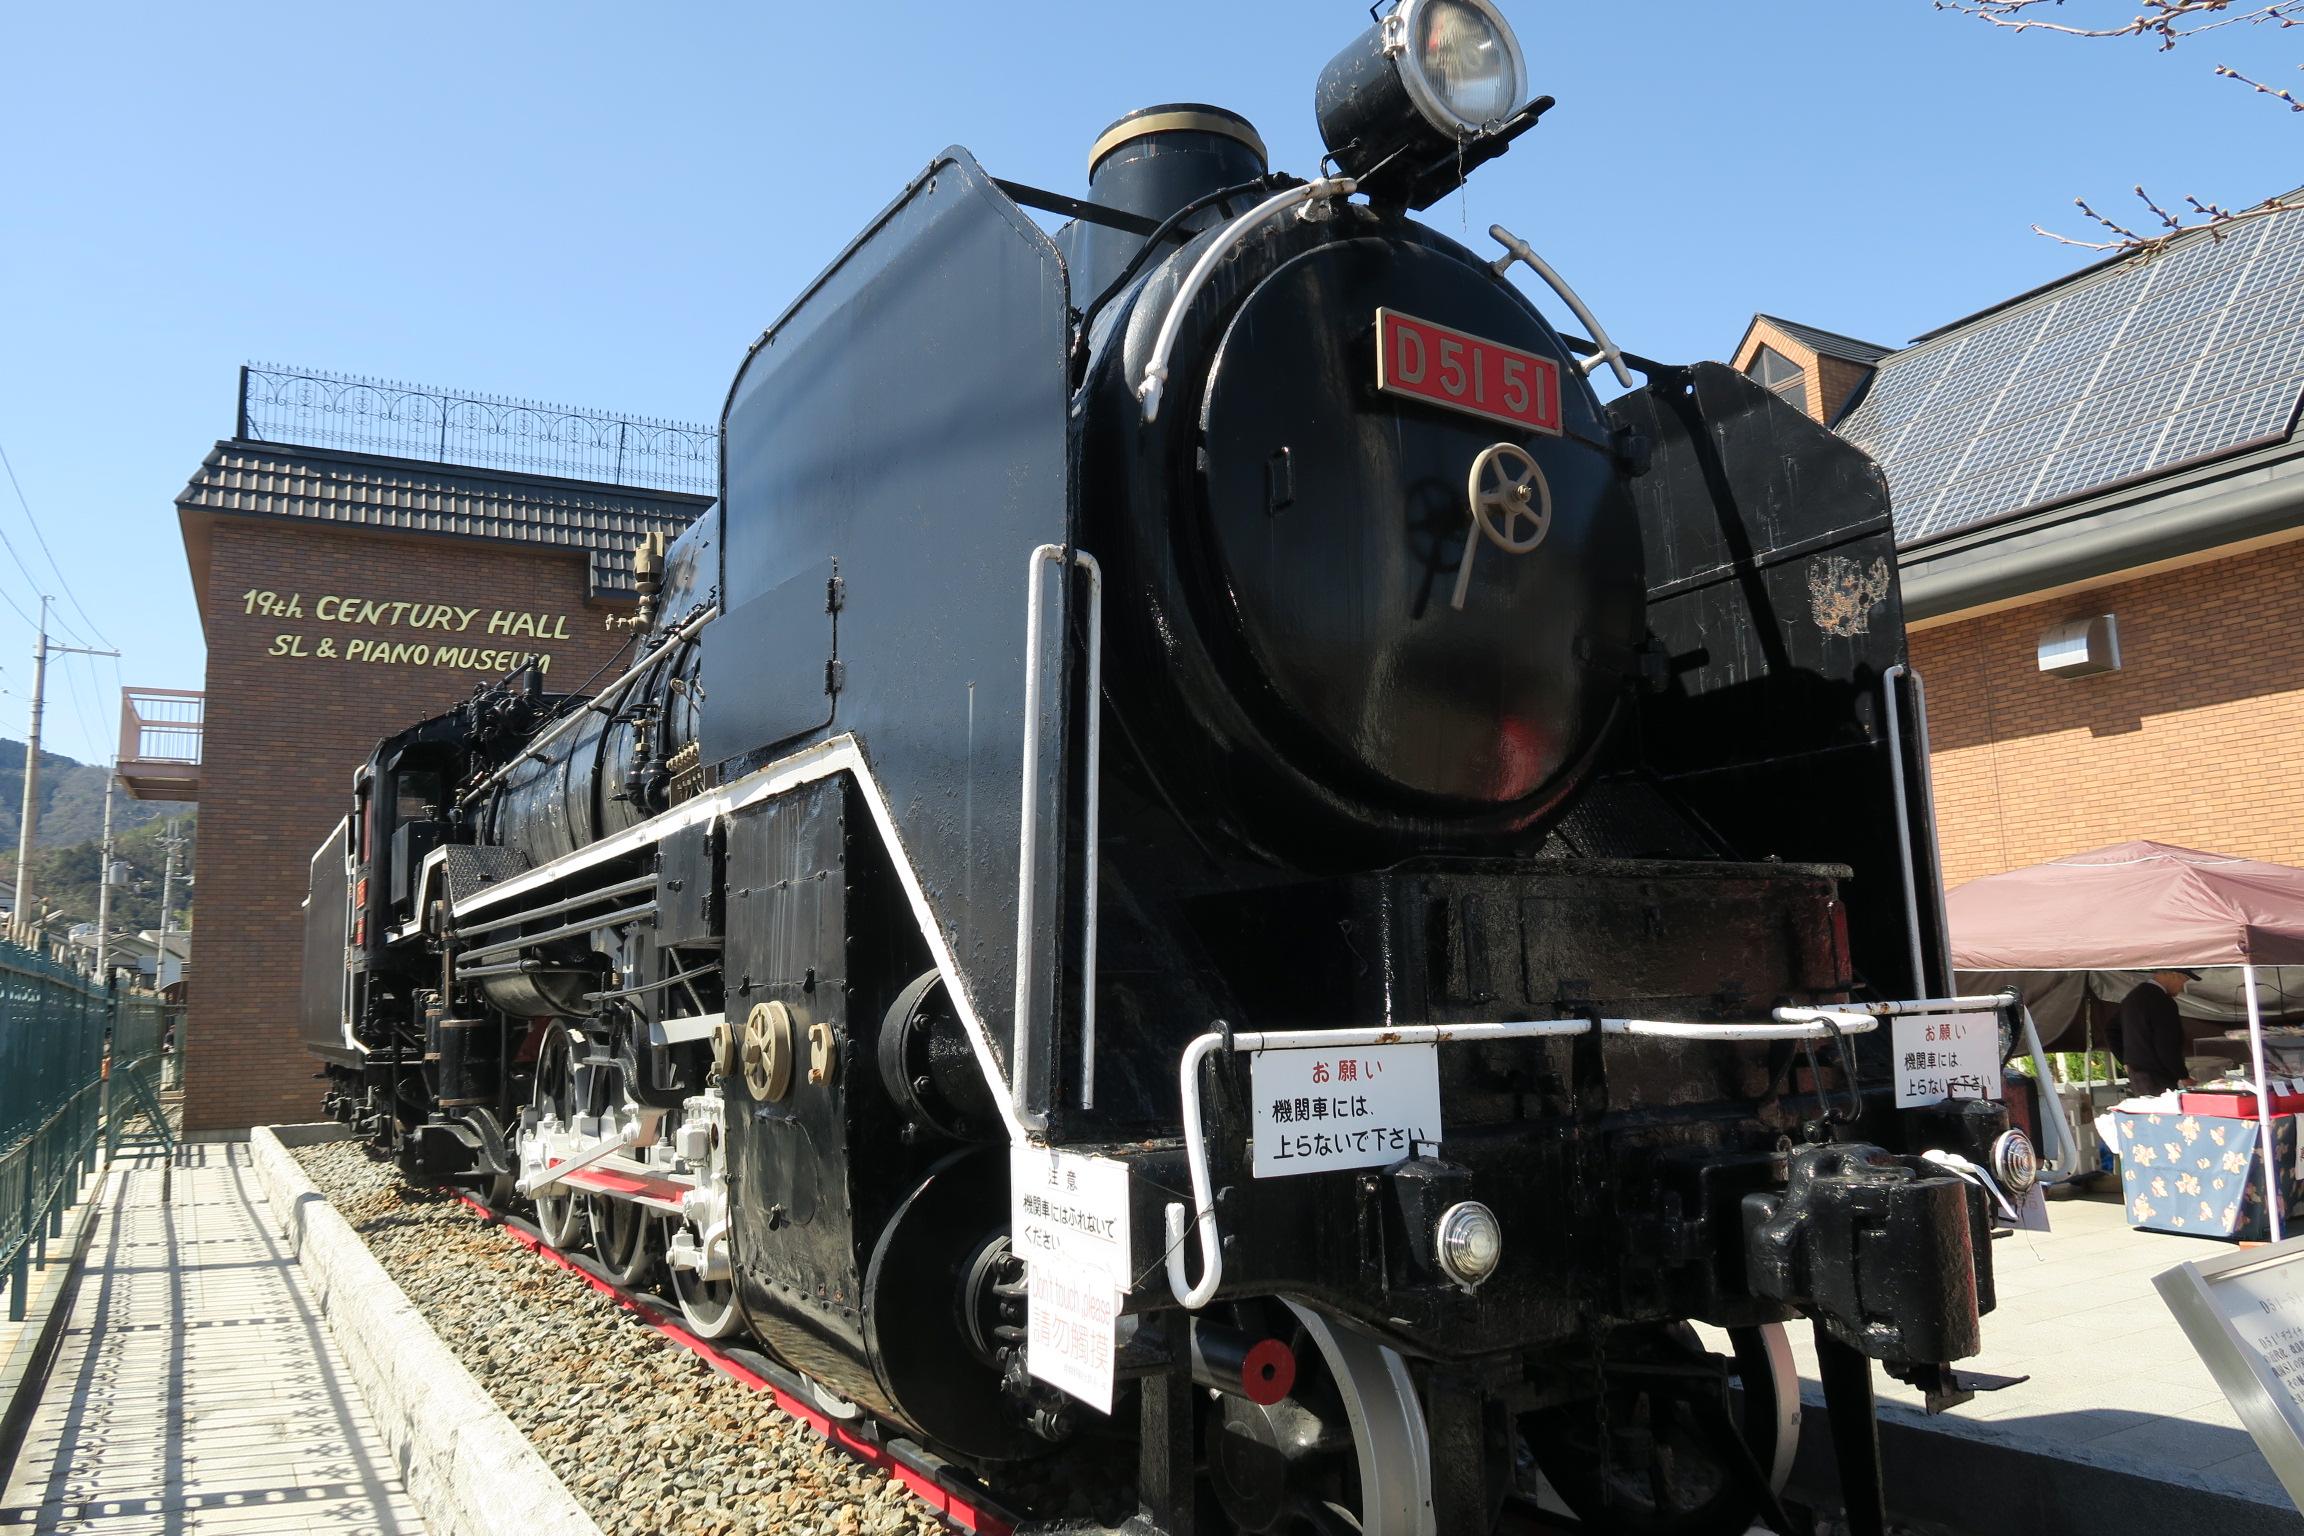 蒸気機関車D51です。トーマス好きのお子様なら「ヒロが見れるよー」と言えば駅まで元気に走るかも!?